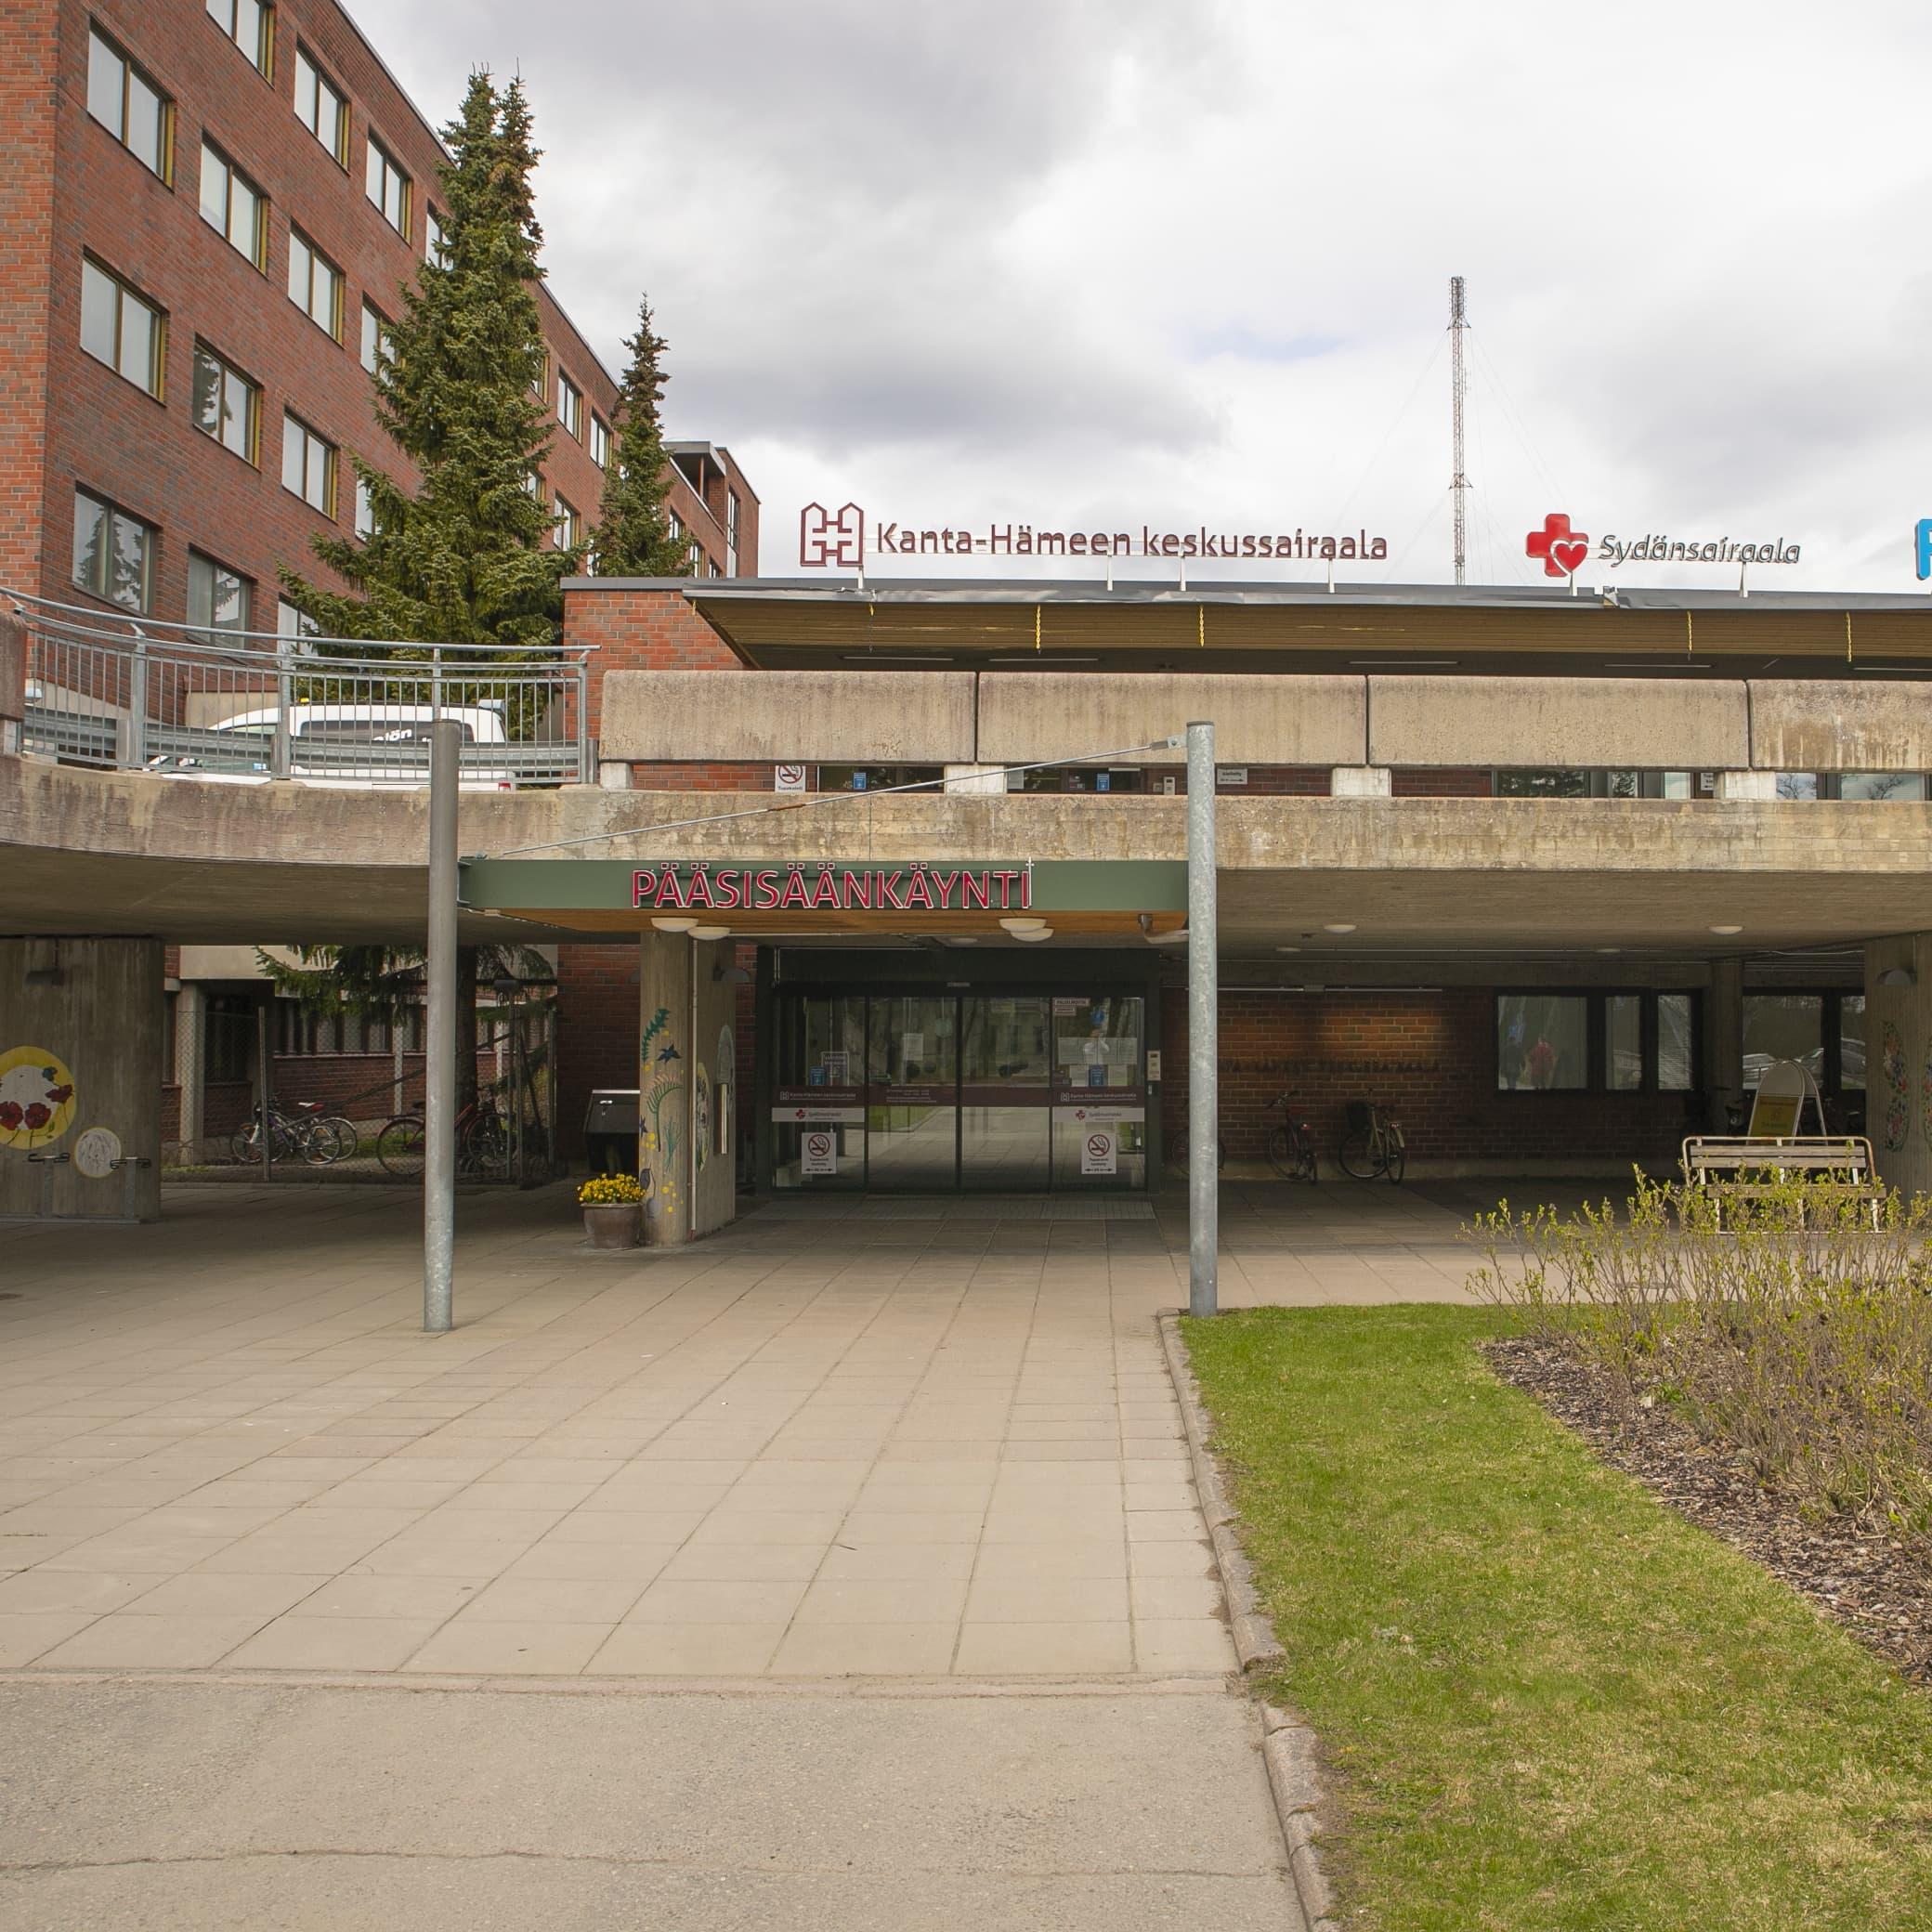 Kanta-Hämeen keskussairaalan pääsisäänkäynti.